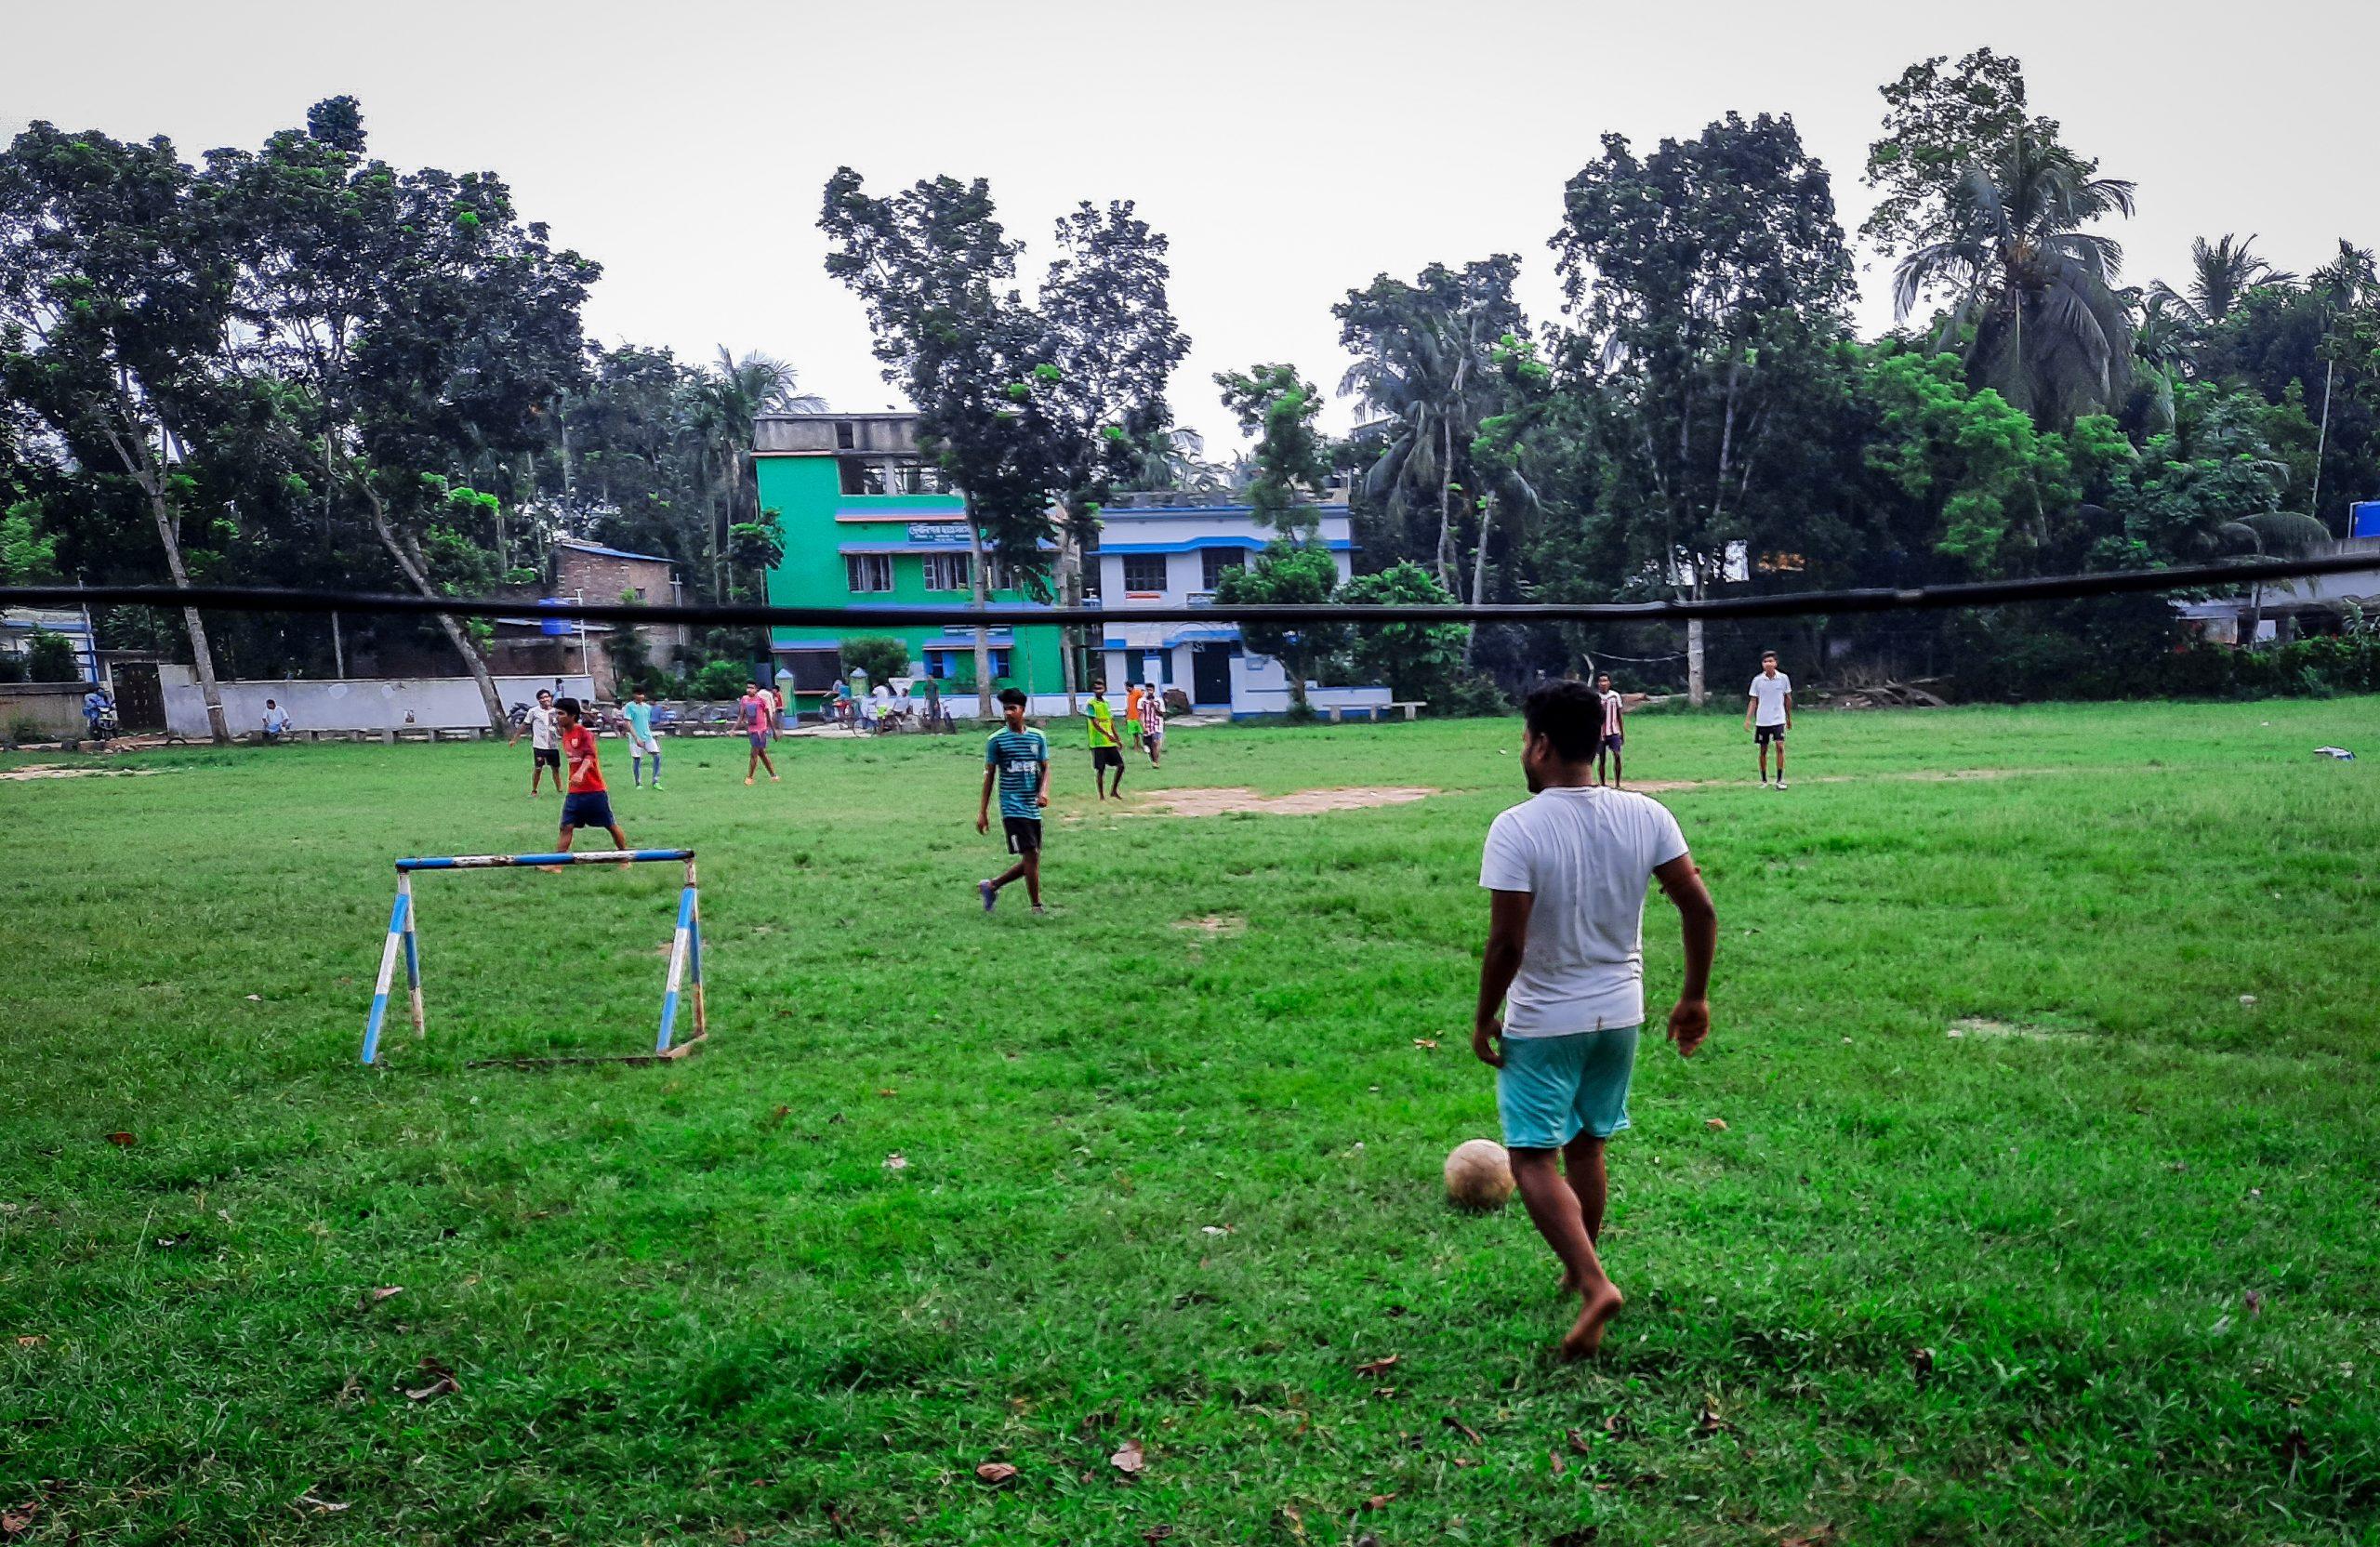 Playing football Kolkata's boys